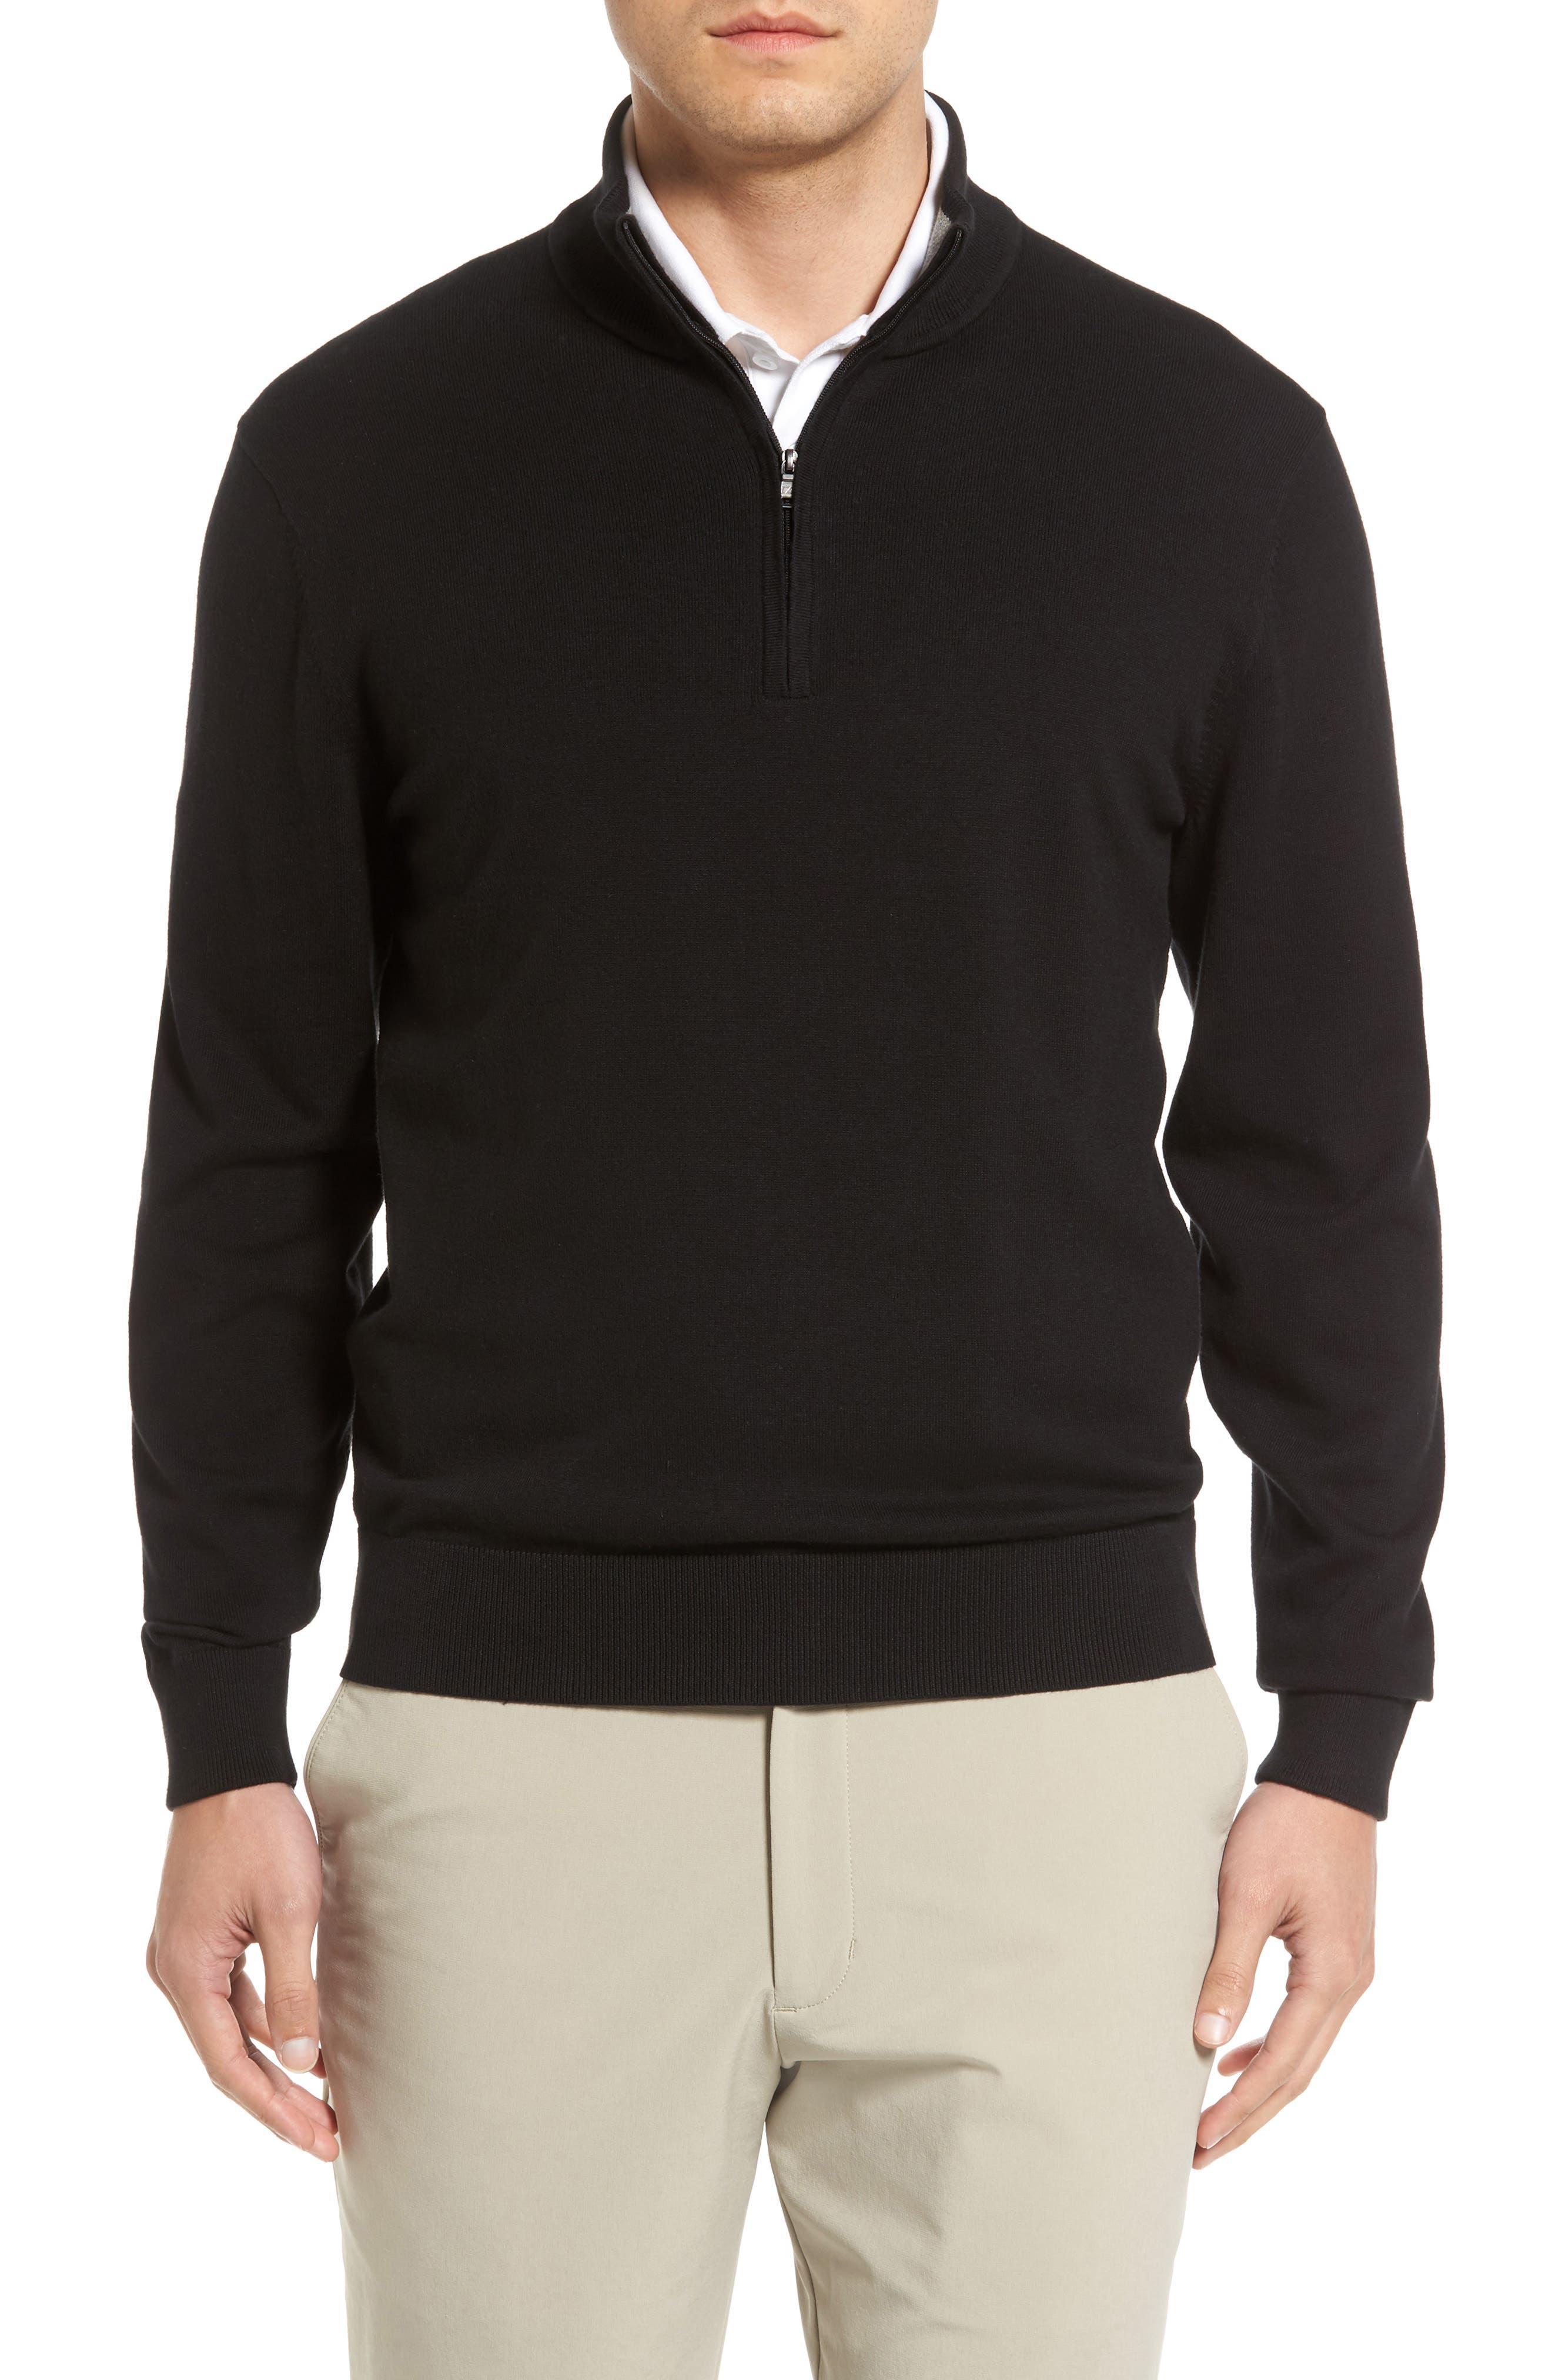 Cutter & Buck Lakemont Half Zip Sweater (Big & Tall)